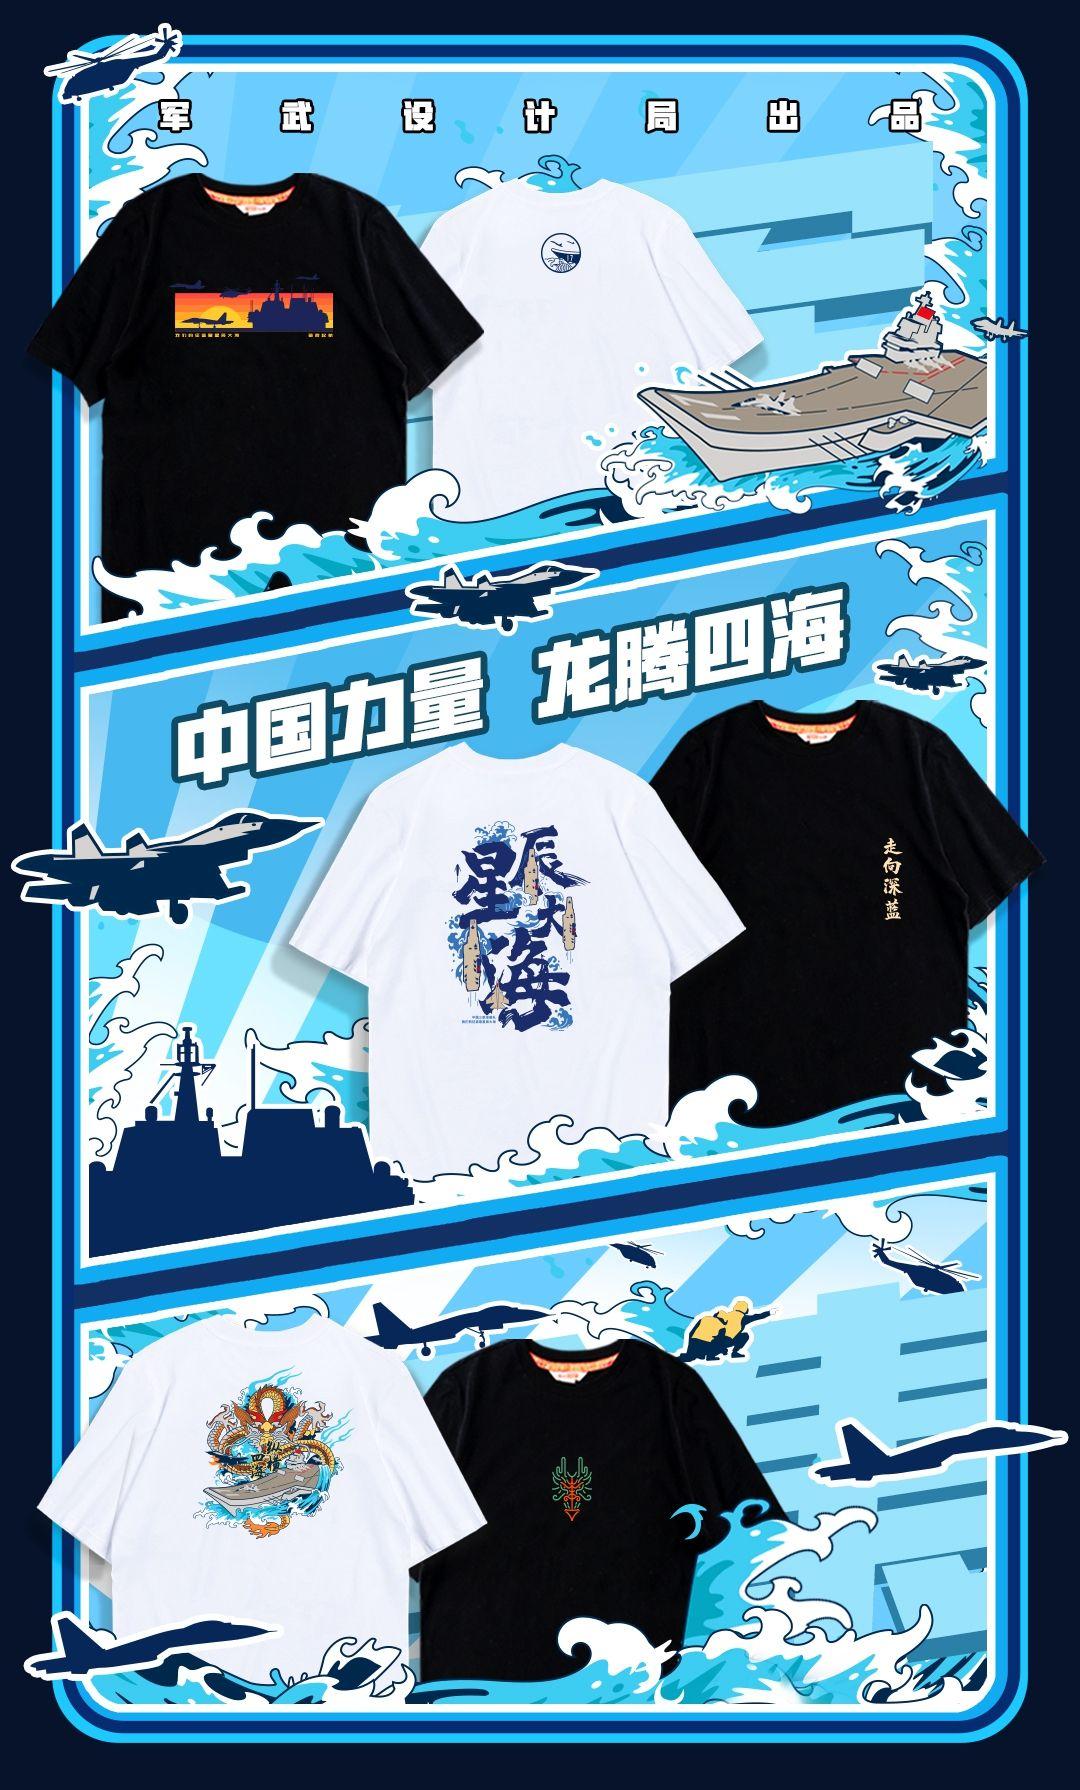 小程序头部海报设计 飞特网 原创海报设计